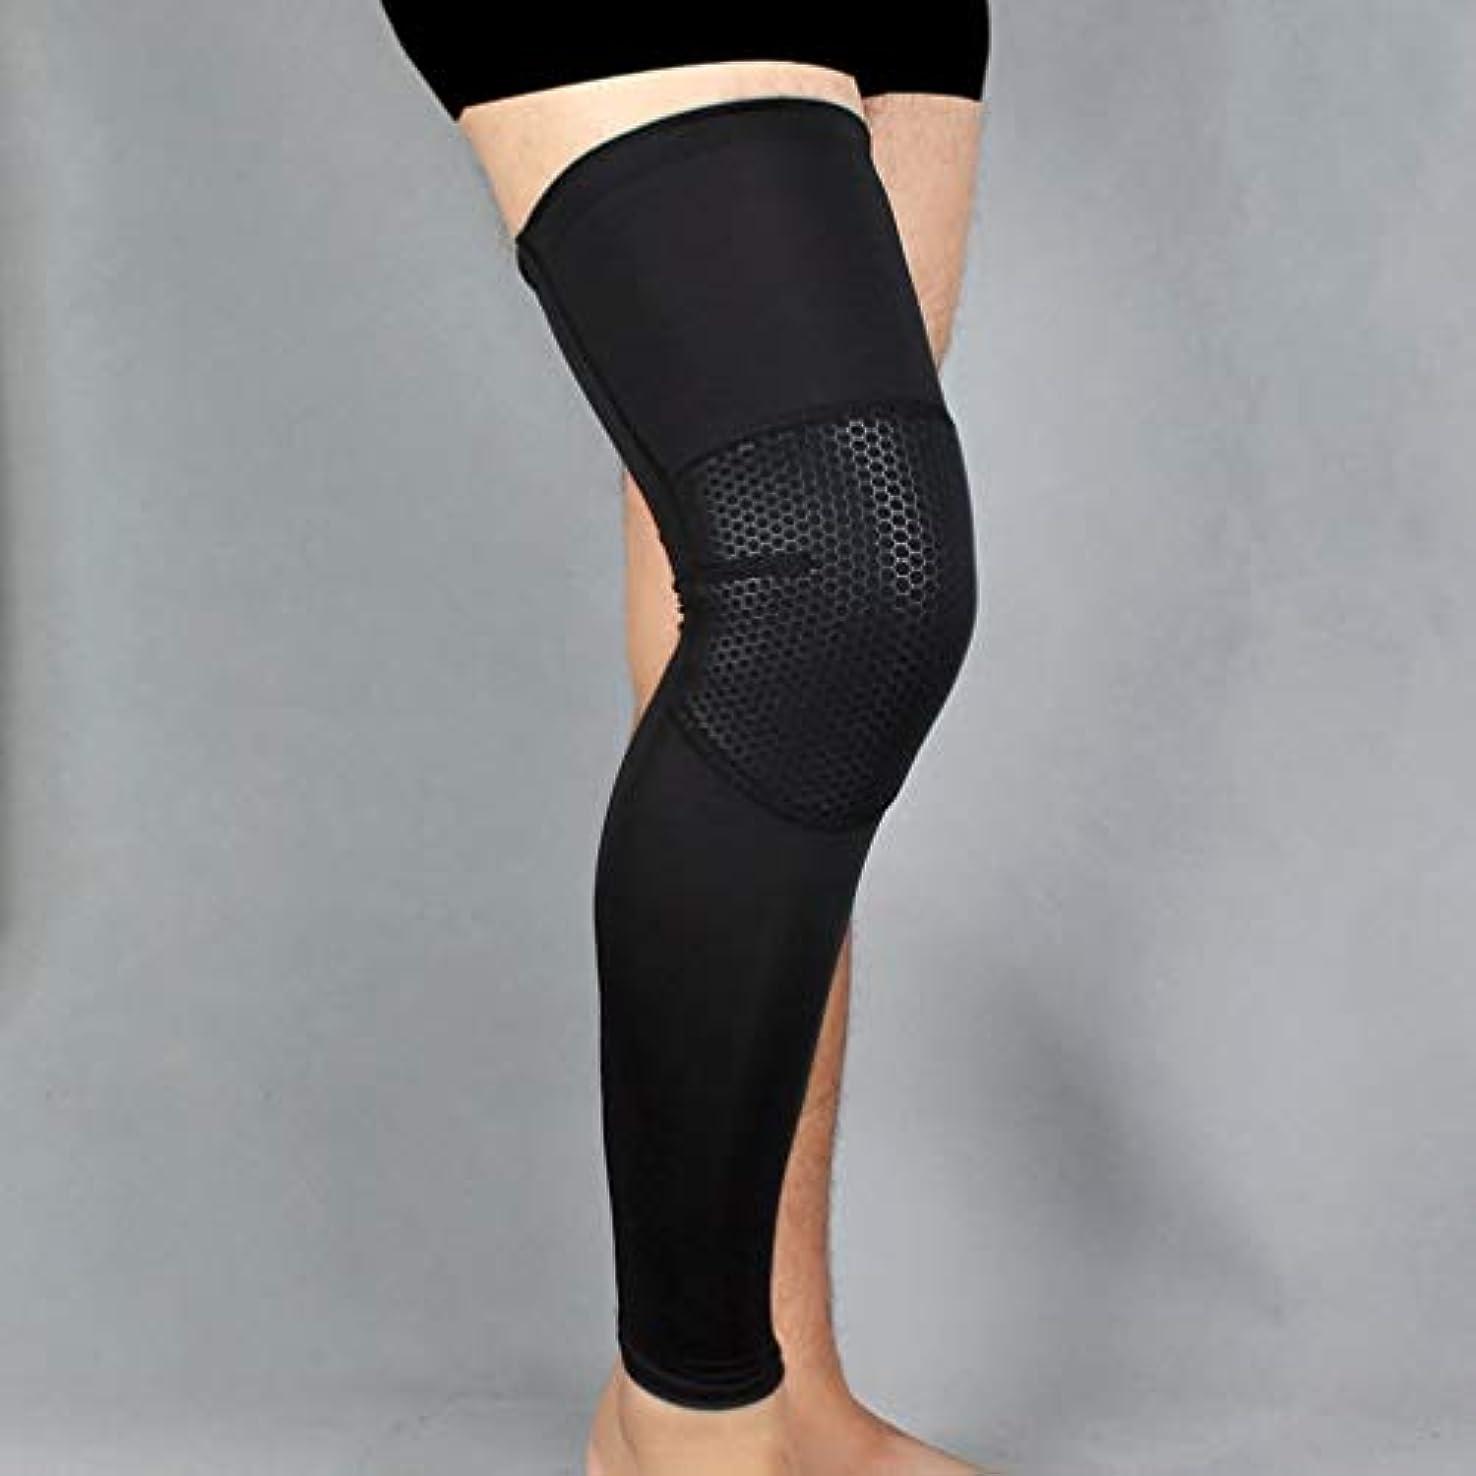 マーティンルーサーキングジュニア深い船尾バスケットボールスポーツ膝パッド通気性の長いレギンスタイツ屋外ギア-innovationo